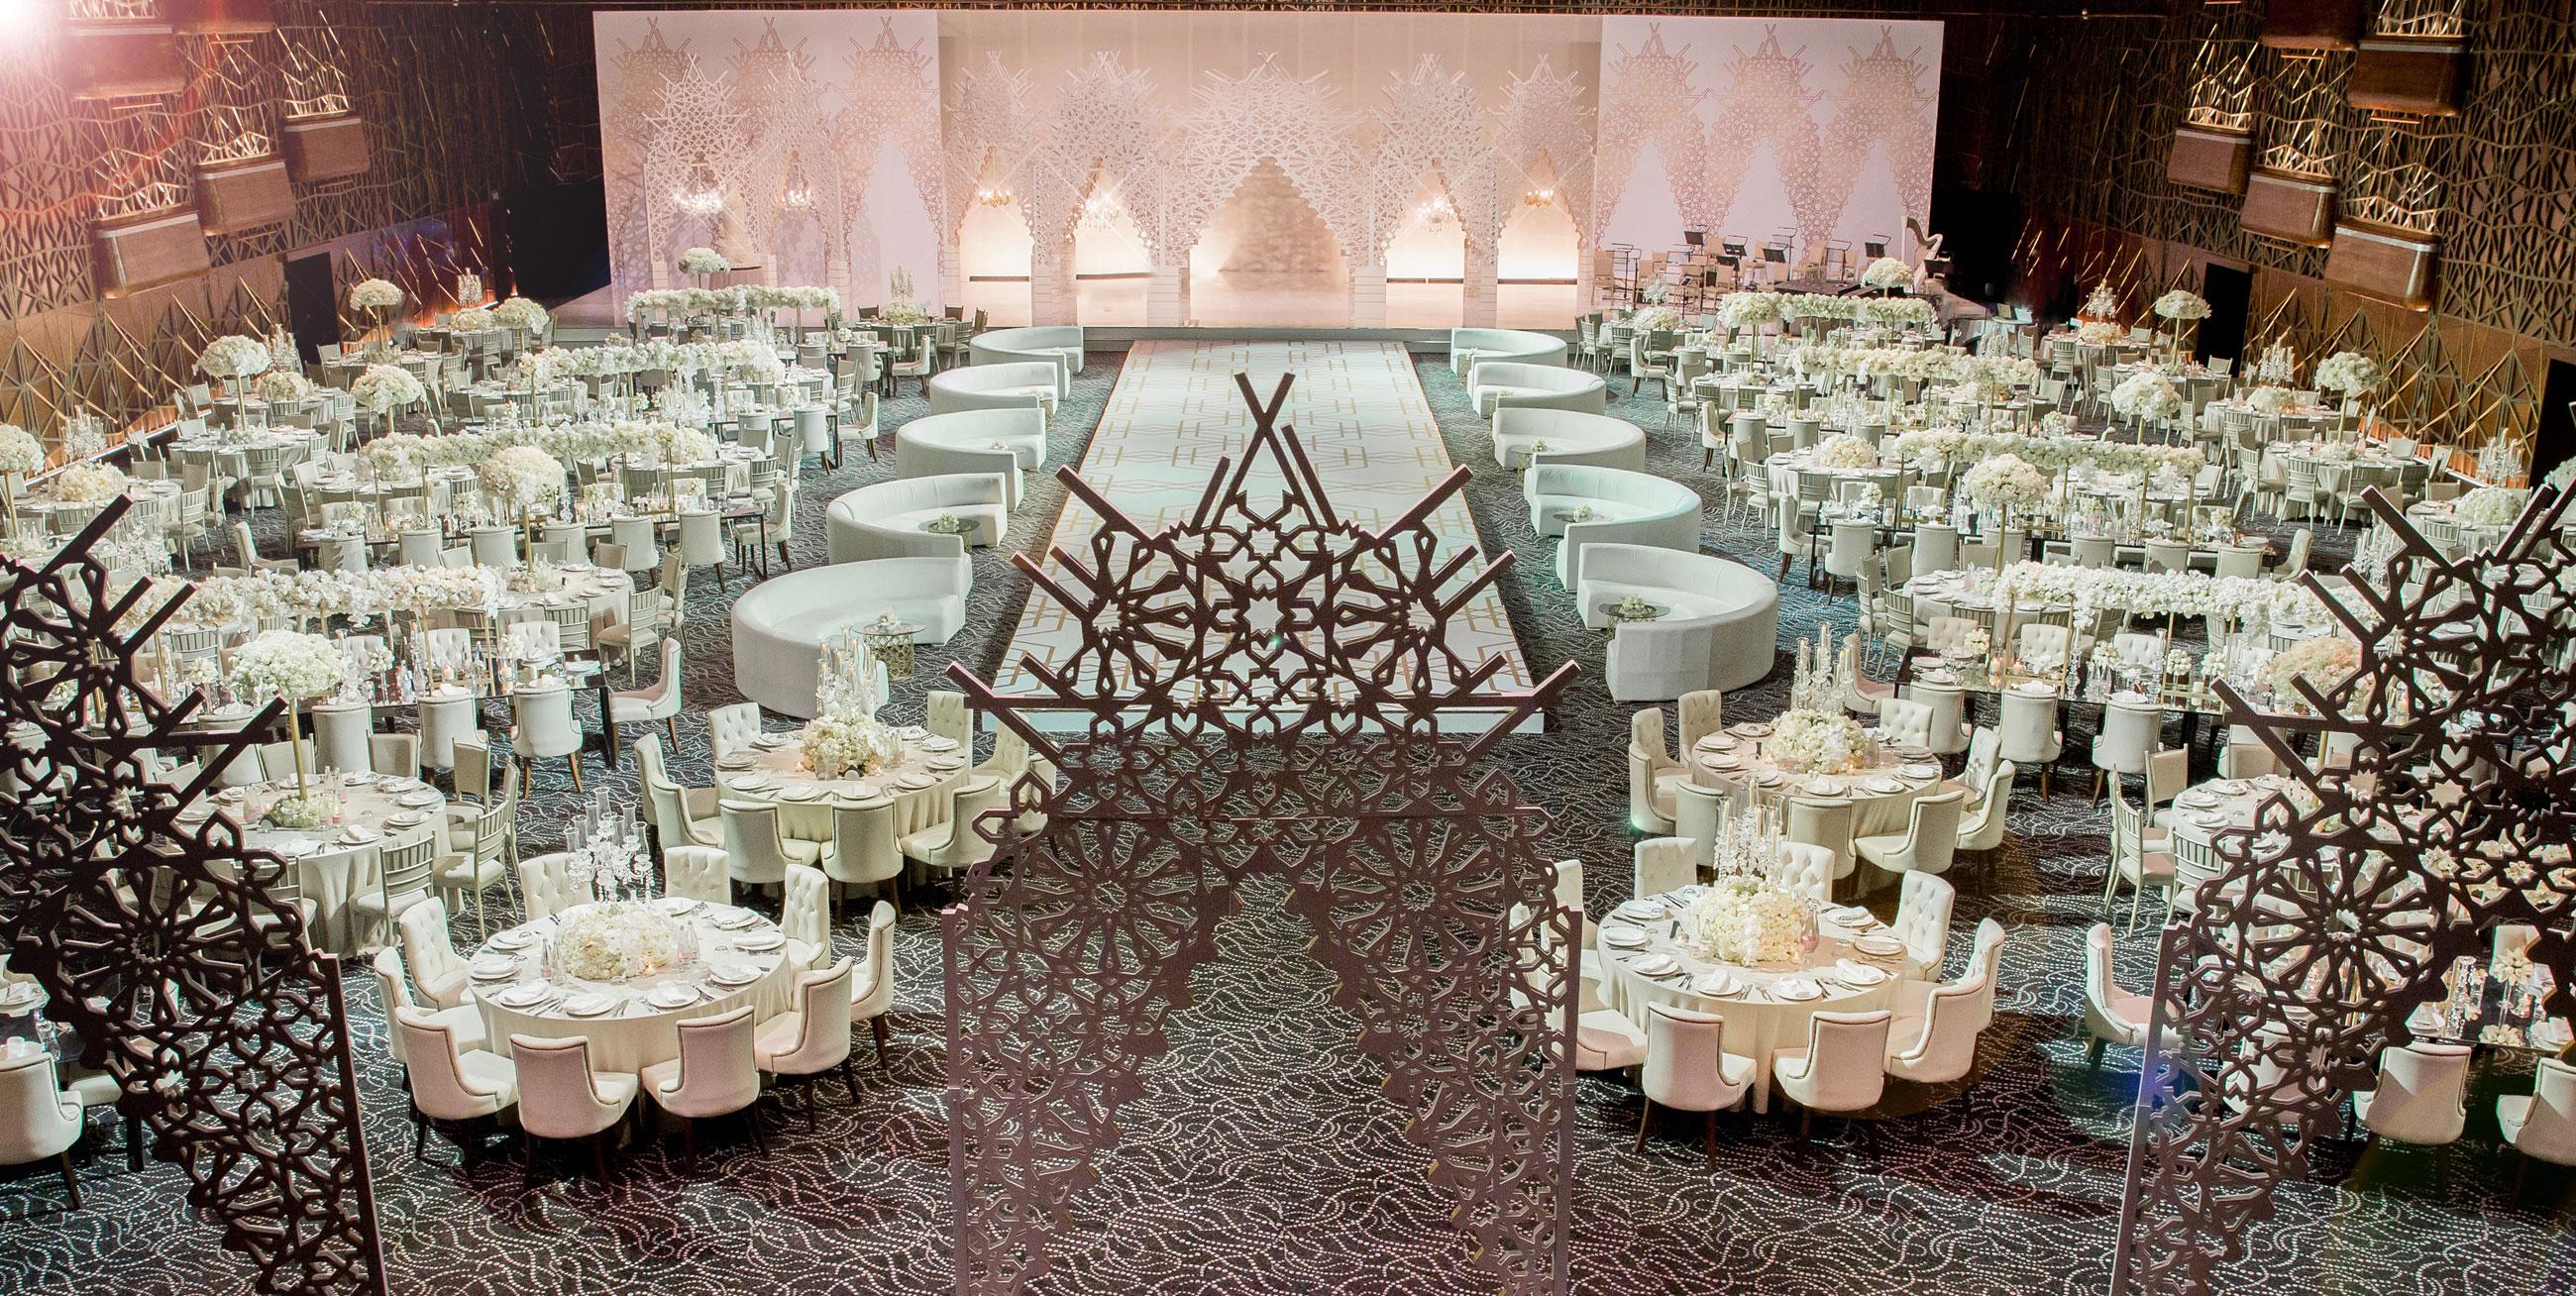 Olivierdolz Top Wedding Planner Event Organizer In Dubai Abu